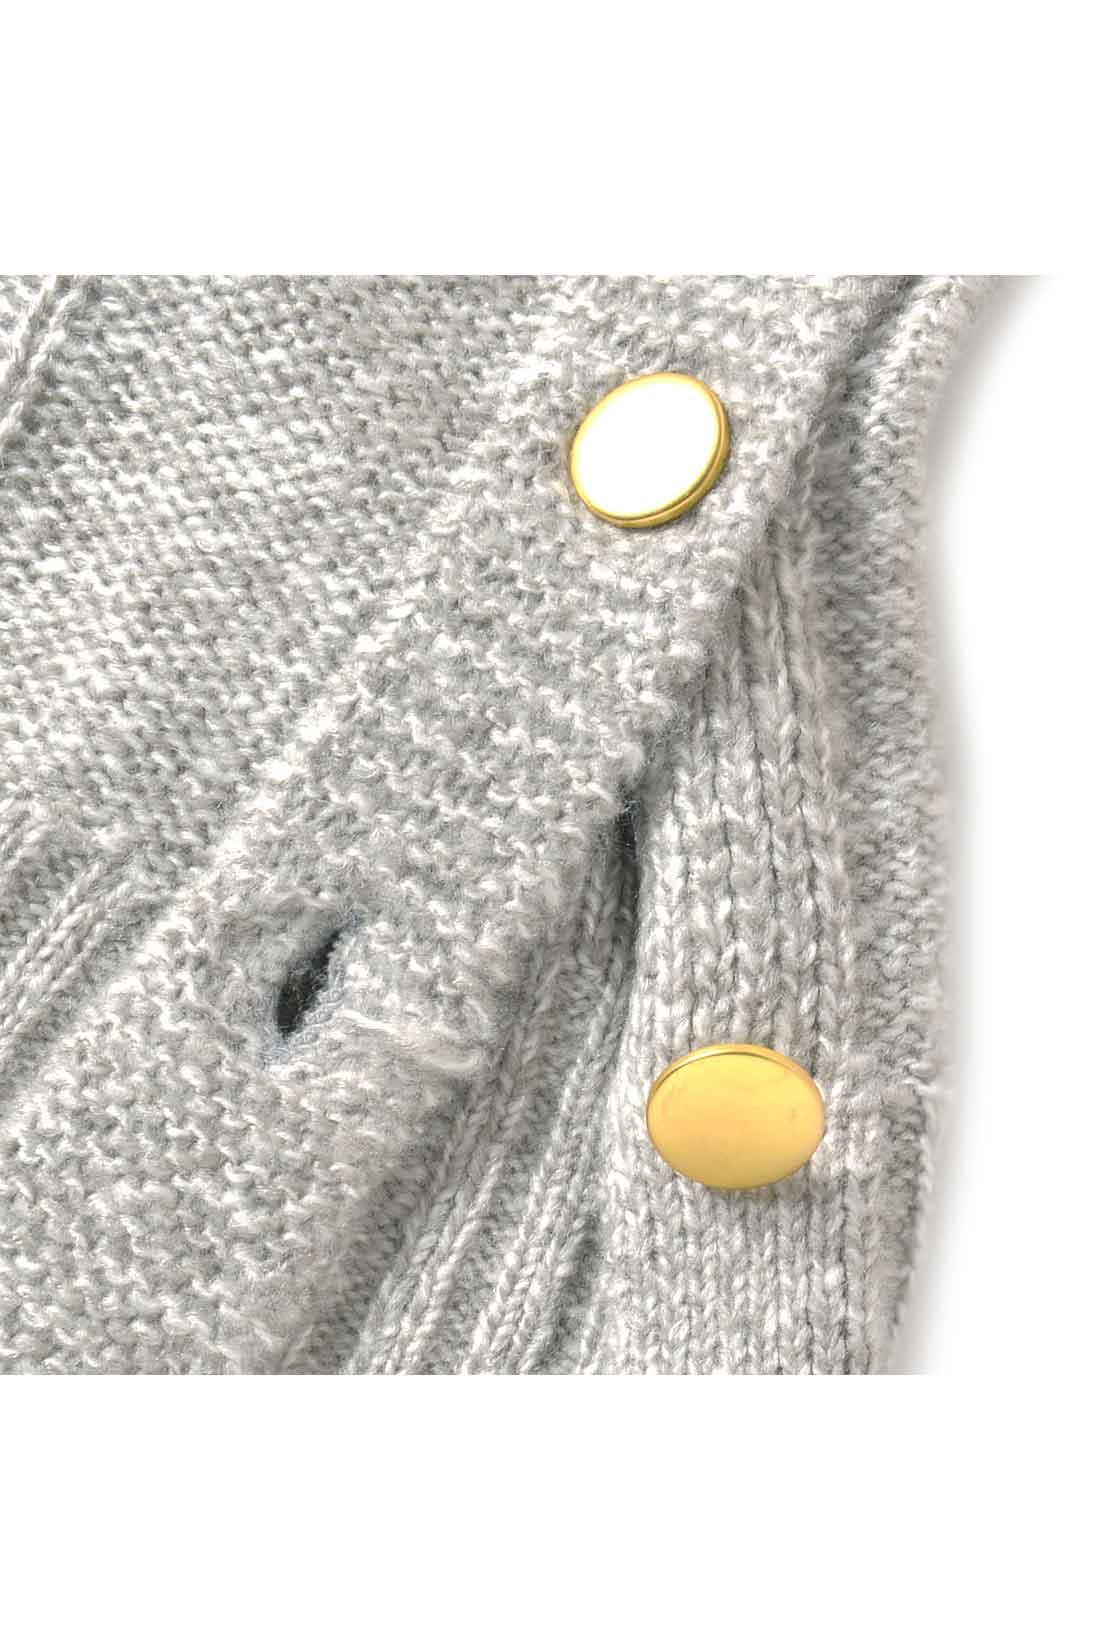 すそのゴールドボタンはマットな表情で大人っぽく。アクティブに動くときは開けてもOK!